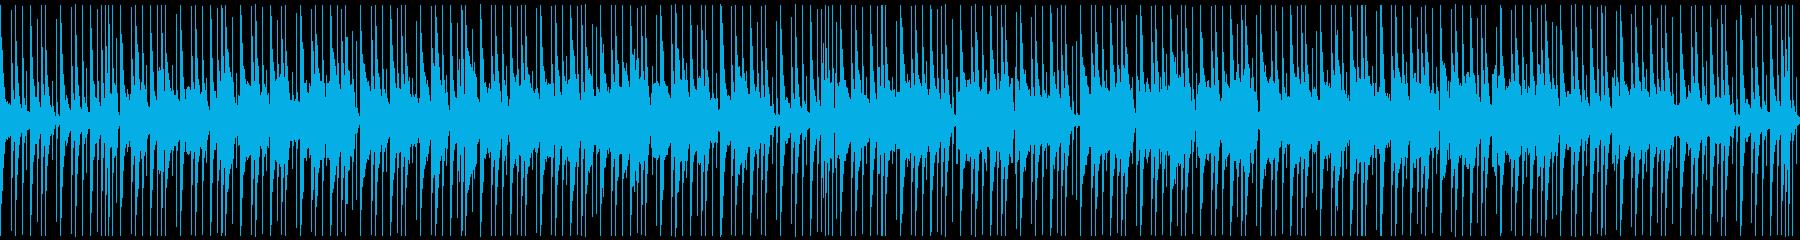 武家屋敷風の和風曲/ゲーム・映像/M14の再生済みの波形